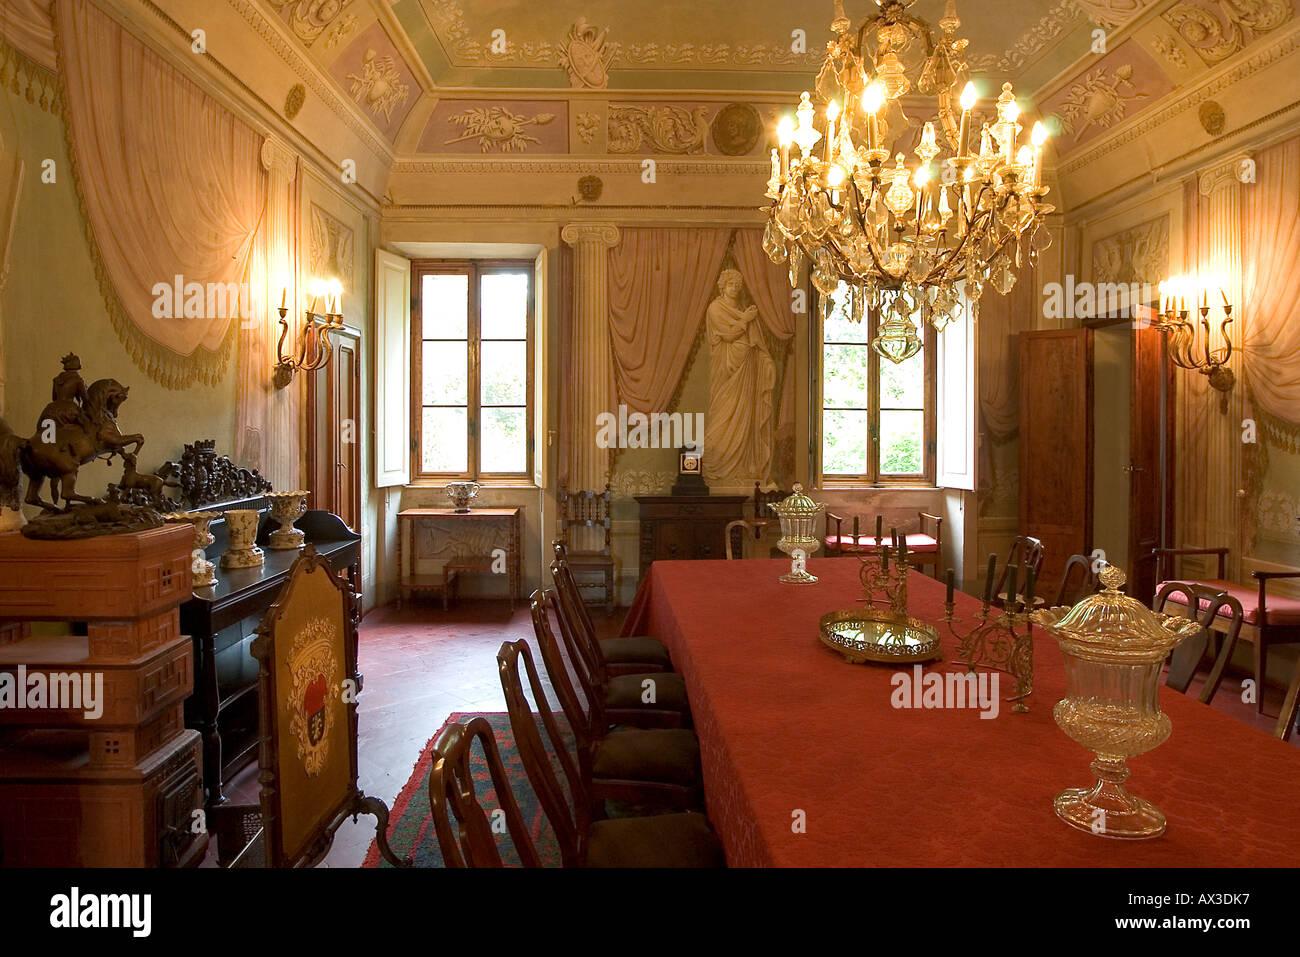 Mobili Antichi Per Sala Da Pranzo : La sala da pranzo in un raffinato italian villa in toscana con